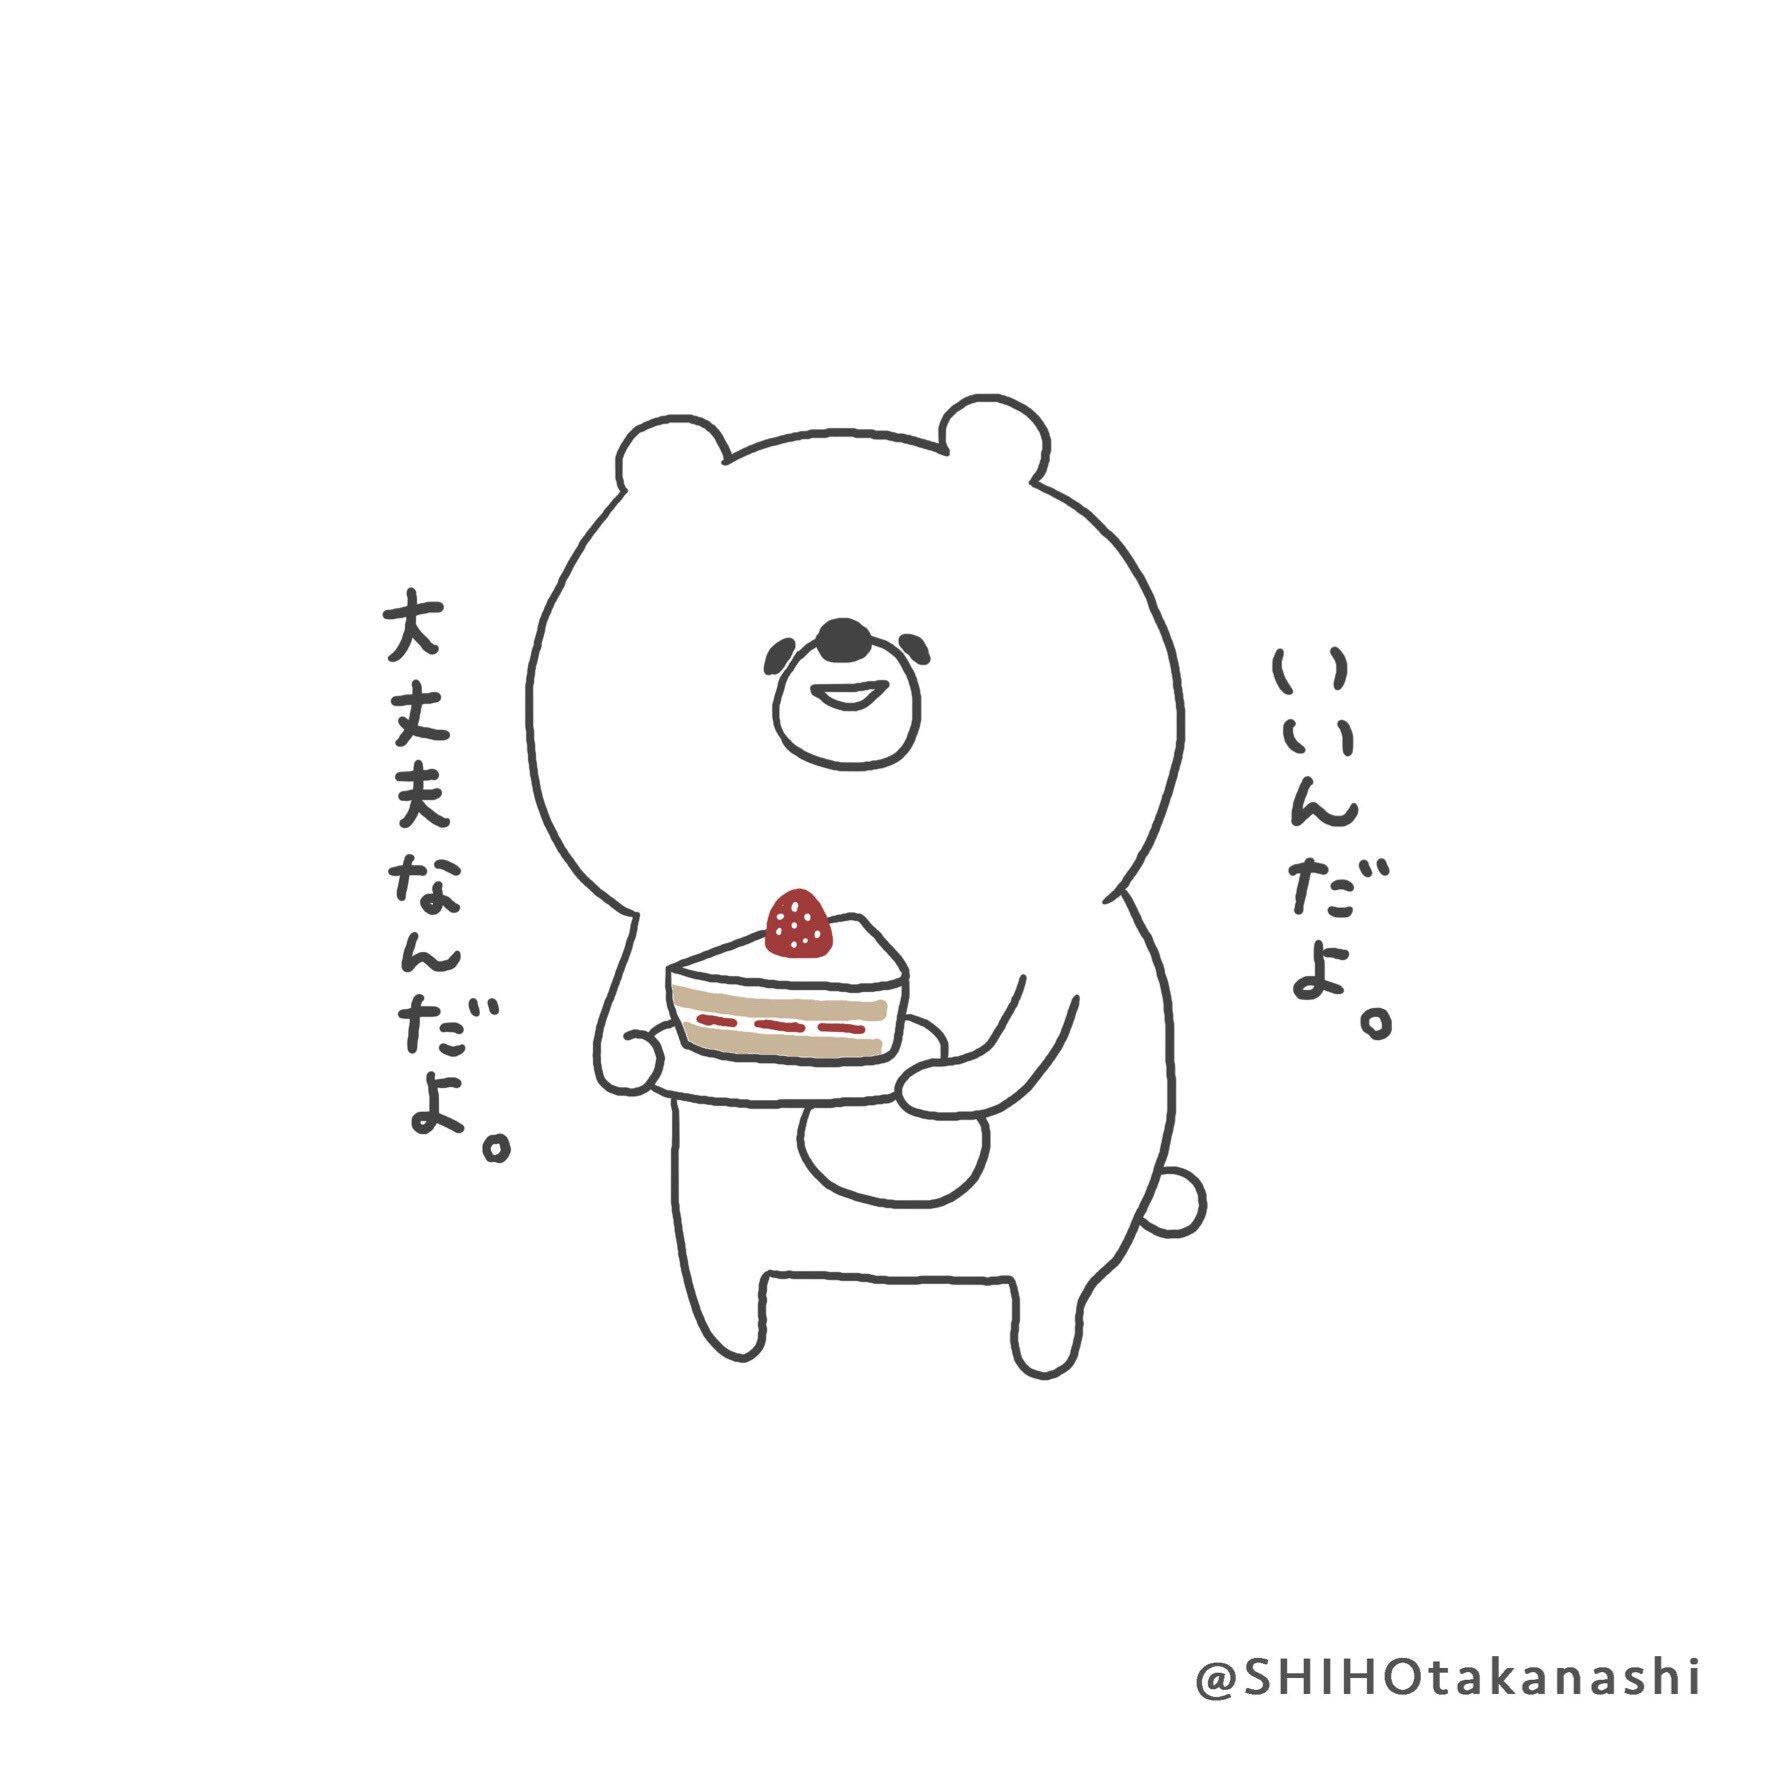 こまりくま on Twitter: